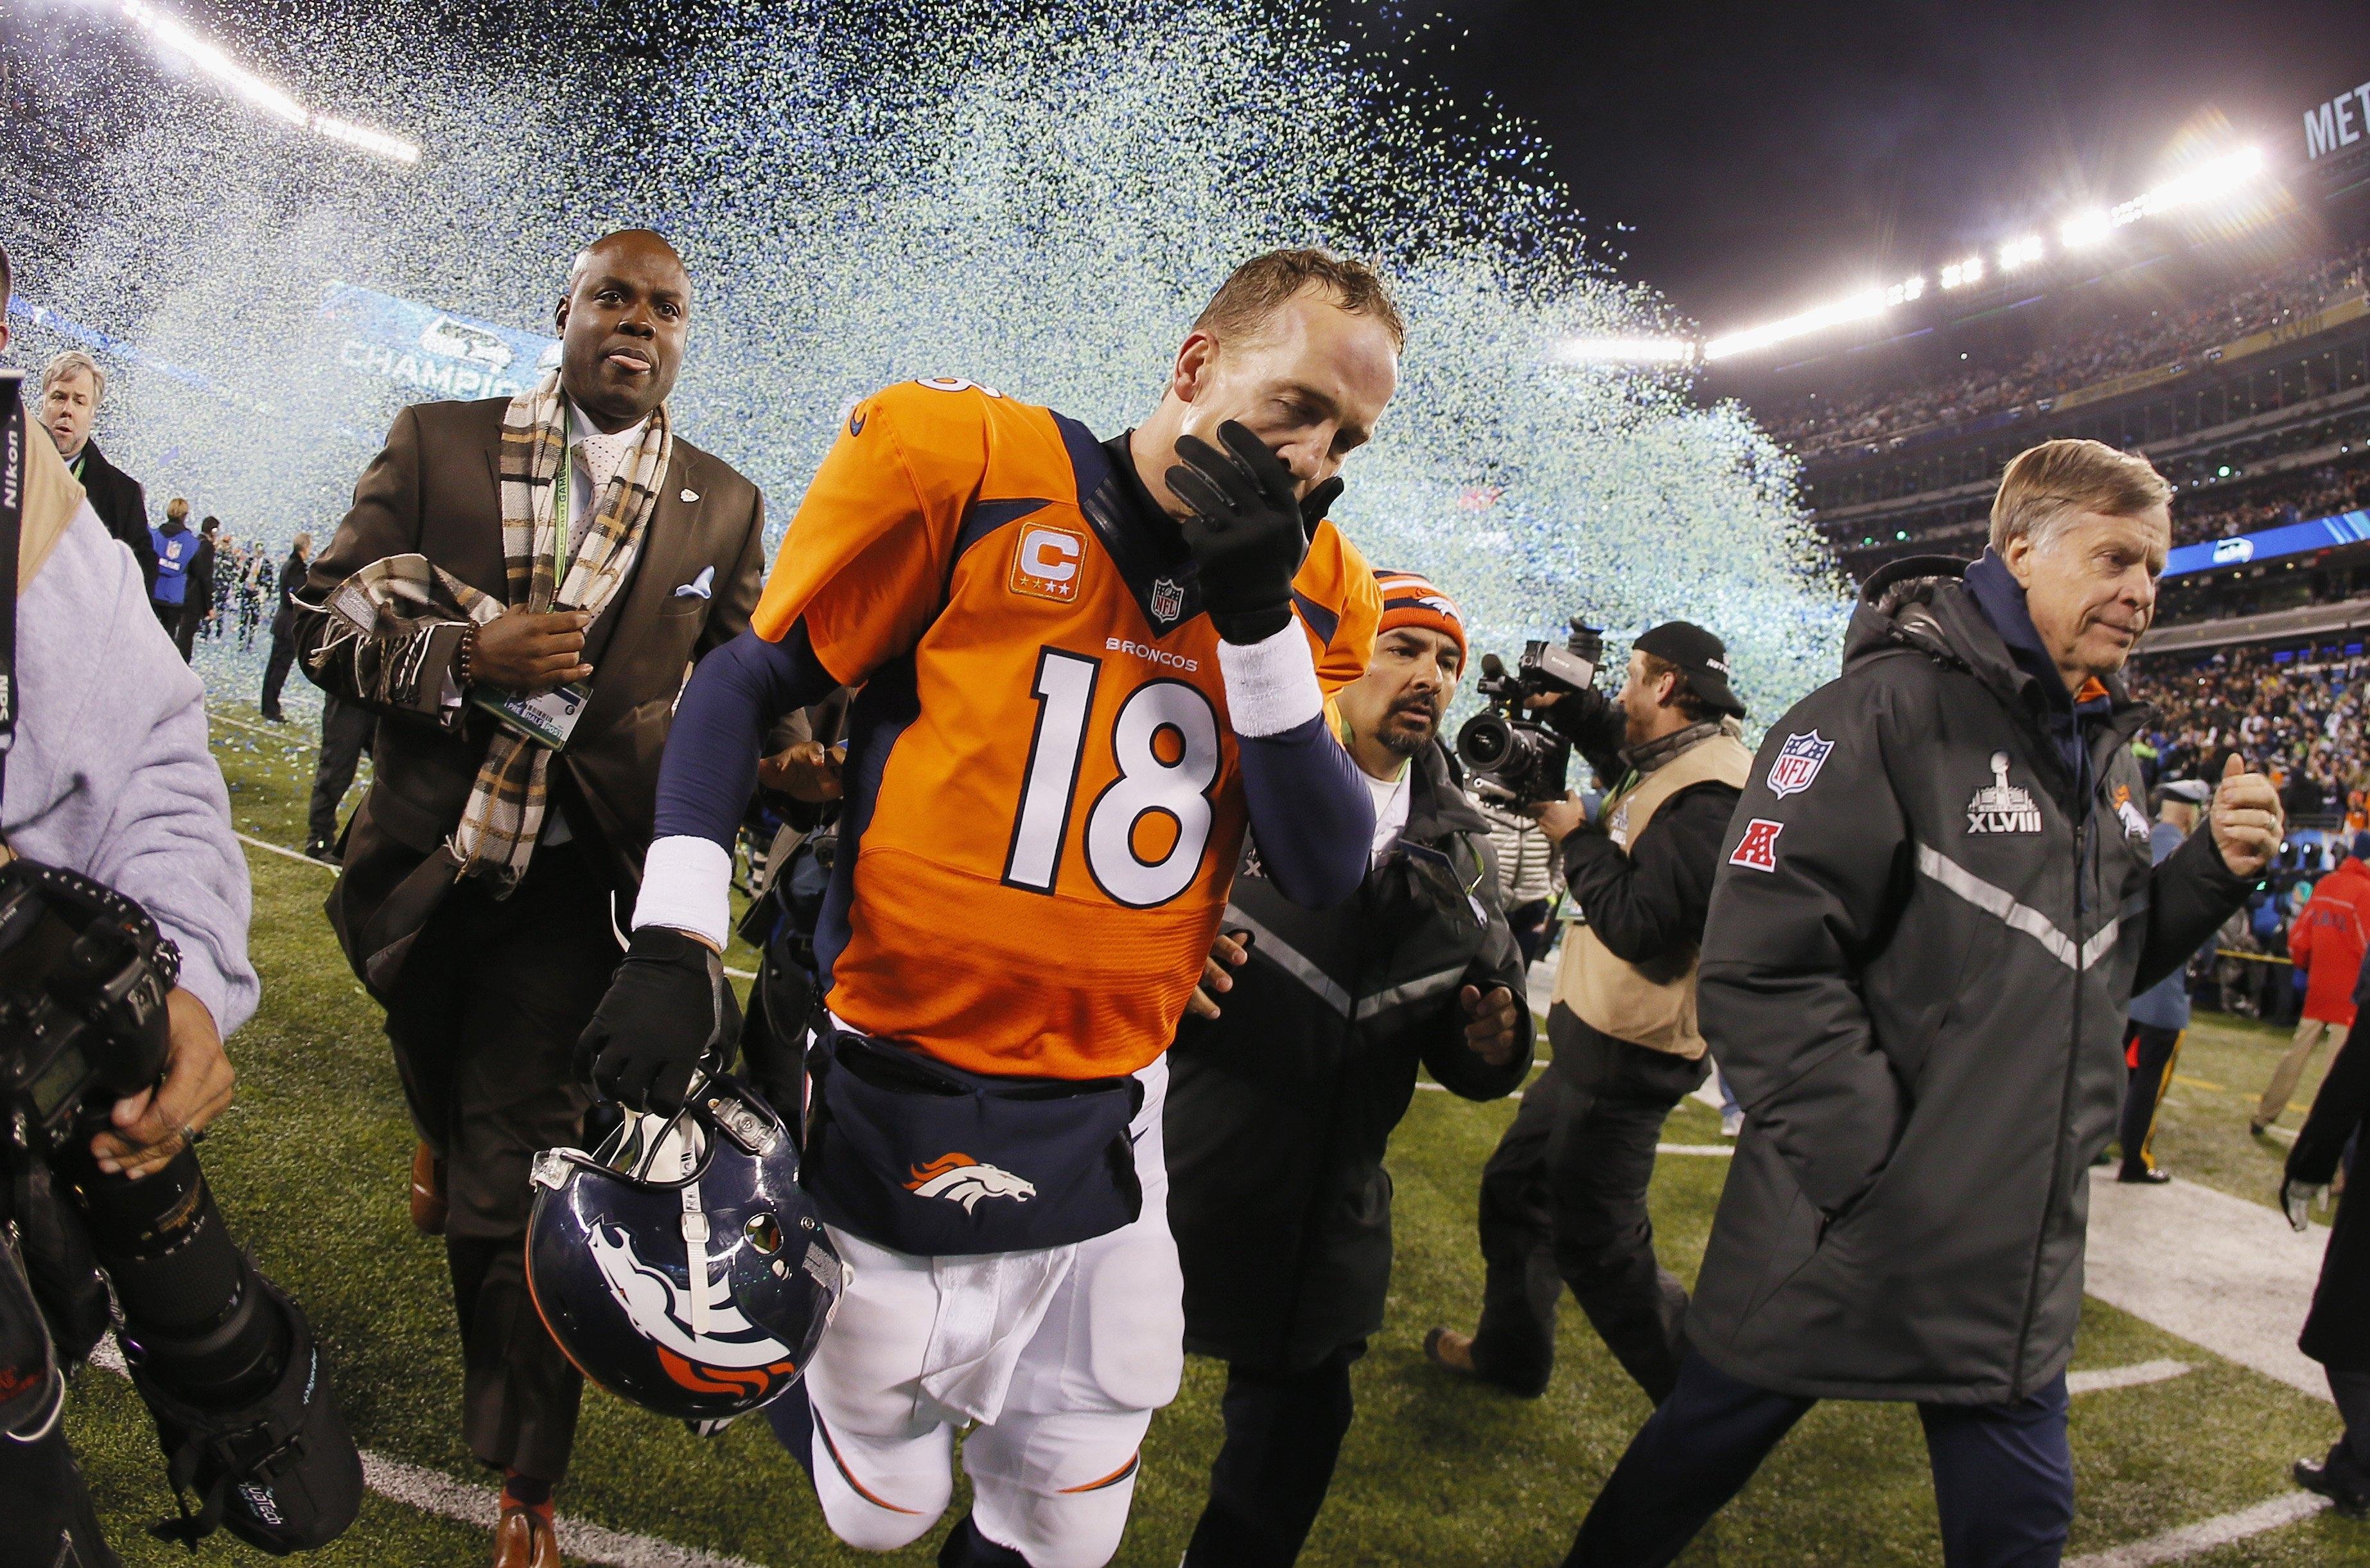 Peyton Manning Needs That Second Super Bowl   Time regarding Peyton Manning Super Bowl